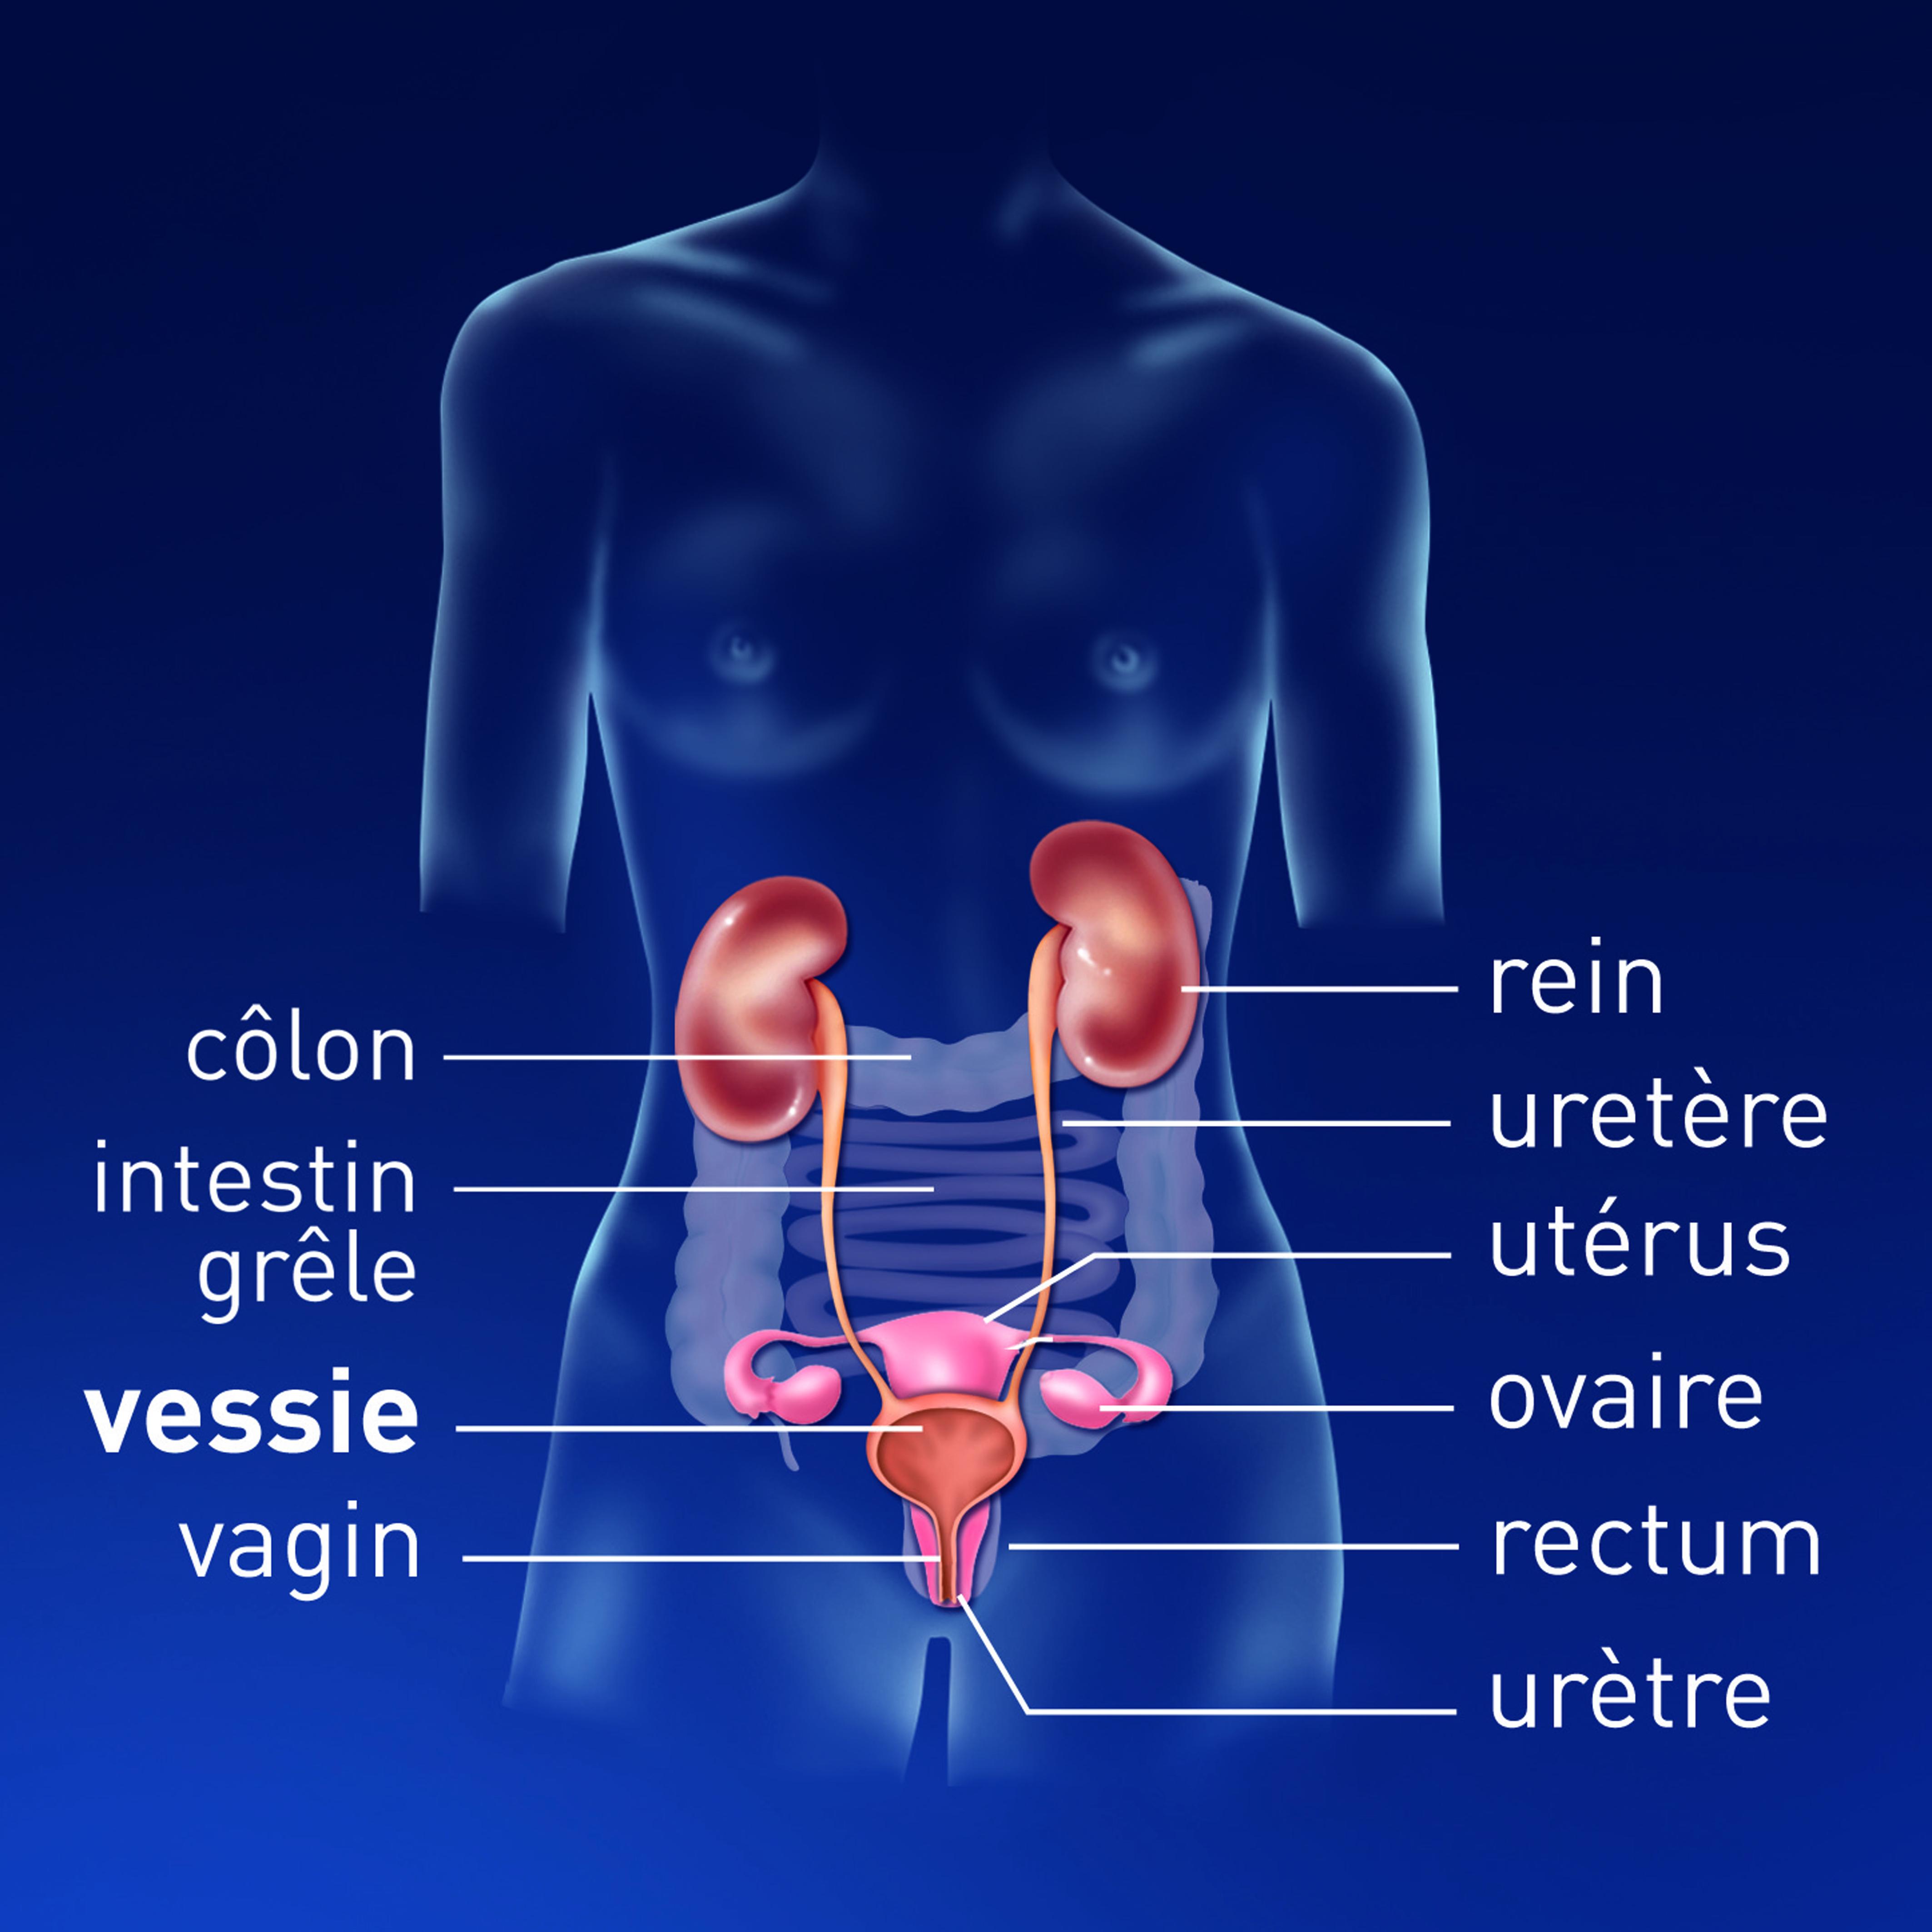 Hpv et cancer vessie. Cancer colorectal vessie. L'AHCC éradique le papillomavirus humain